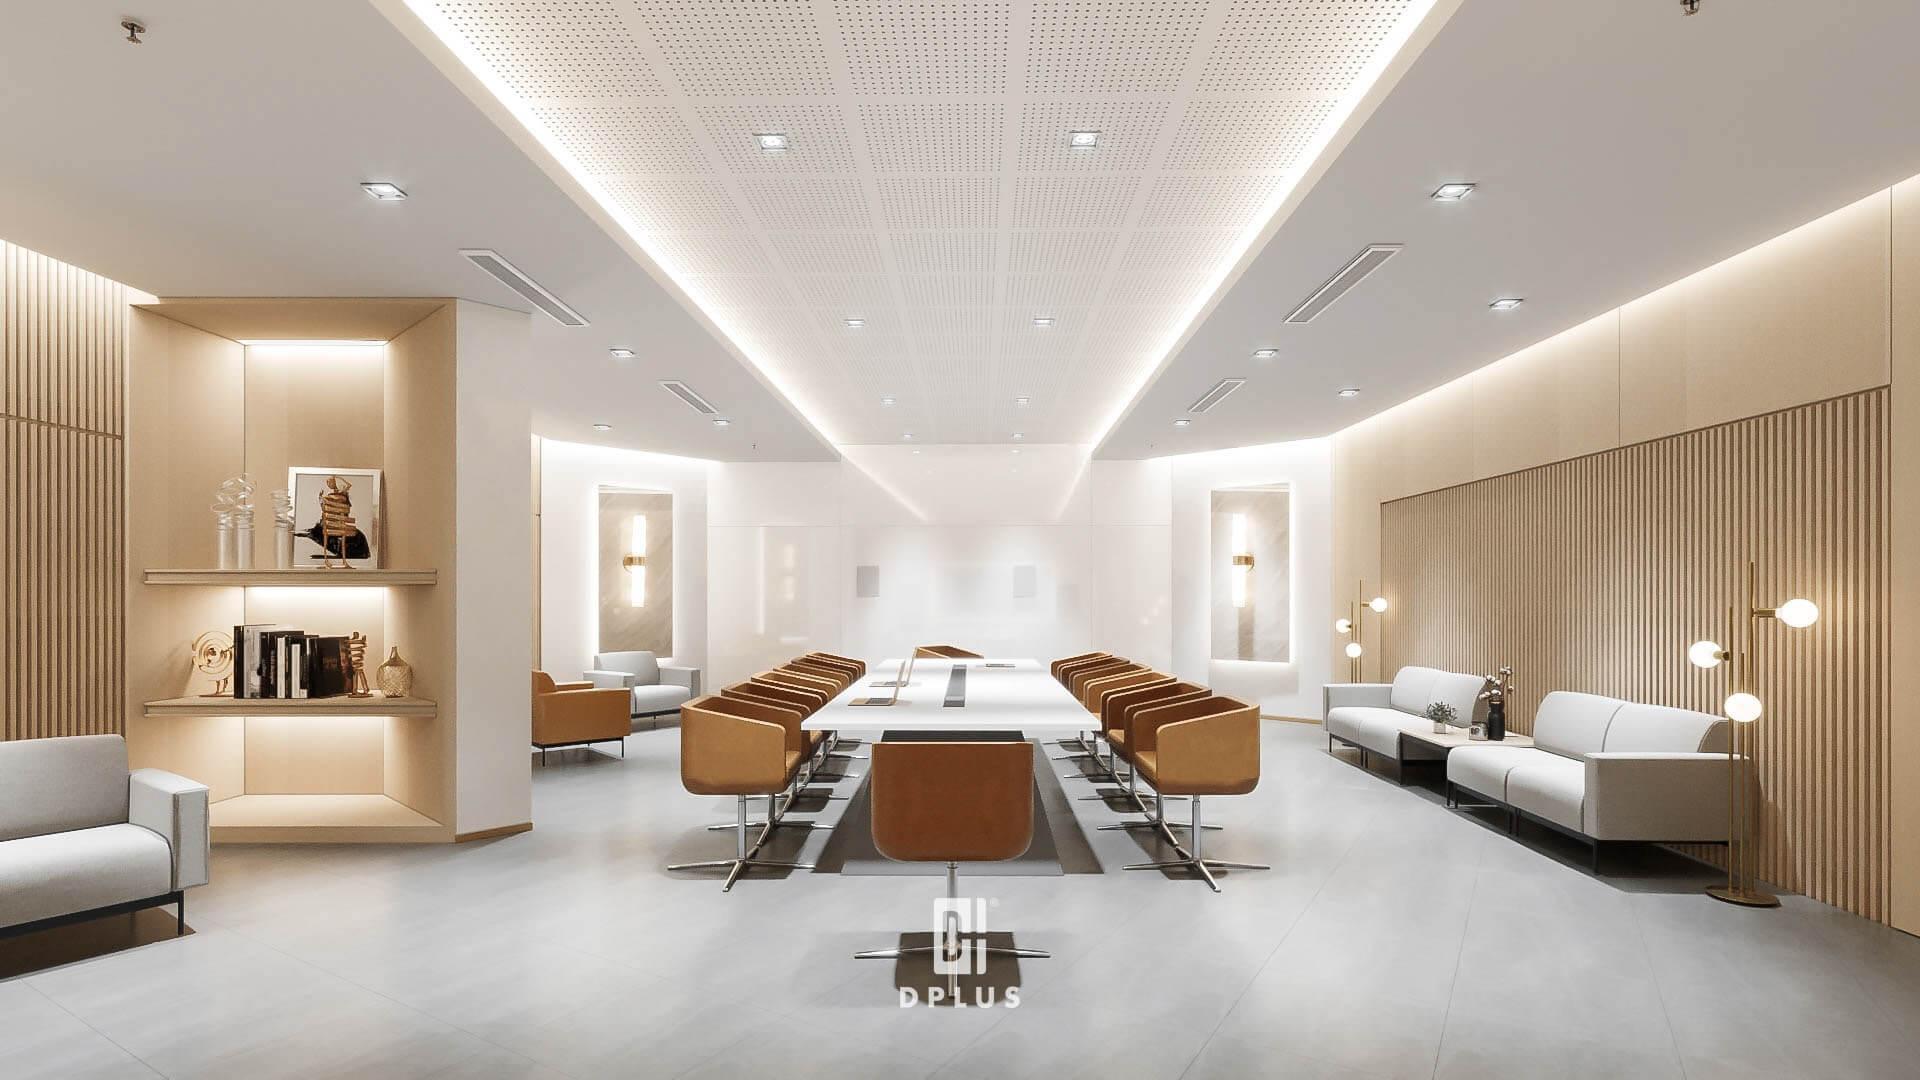 Báo giá thiết kế nội thất văn phòng sẽ tỉ lệ thuận với chất lượng nội thất